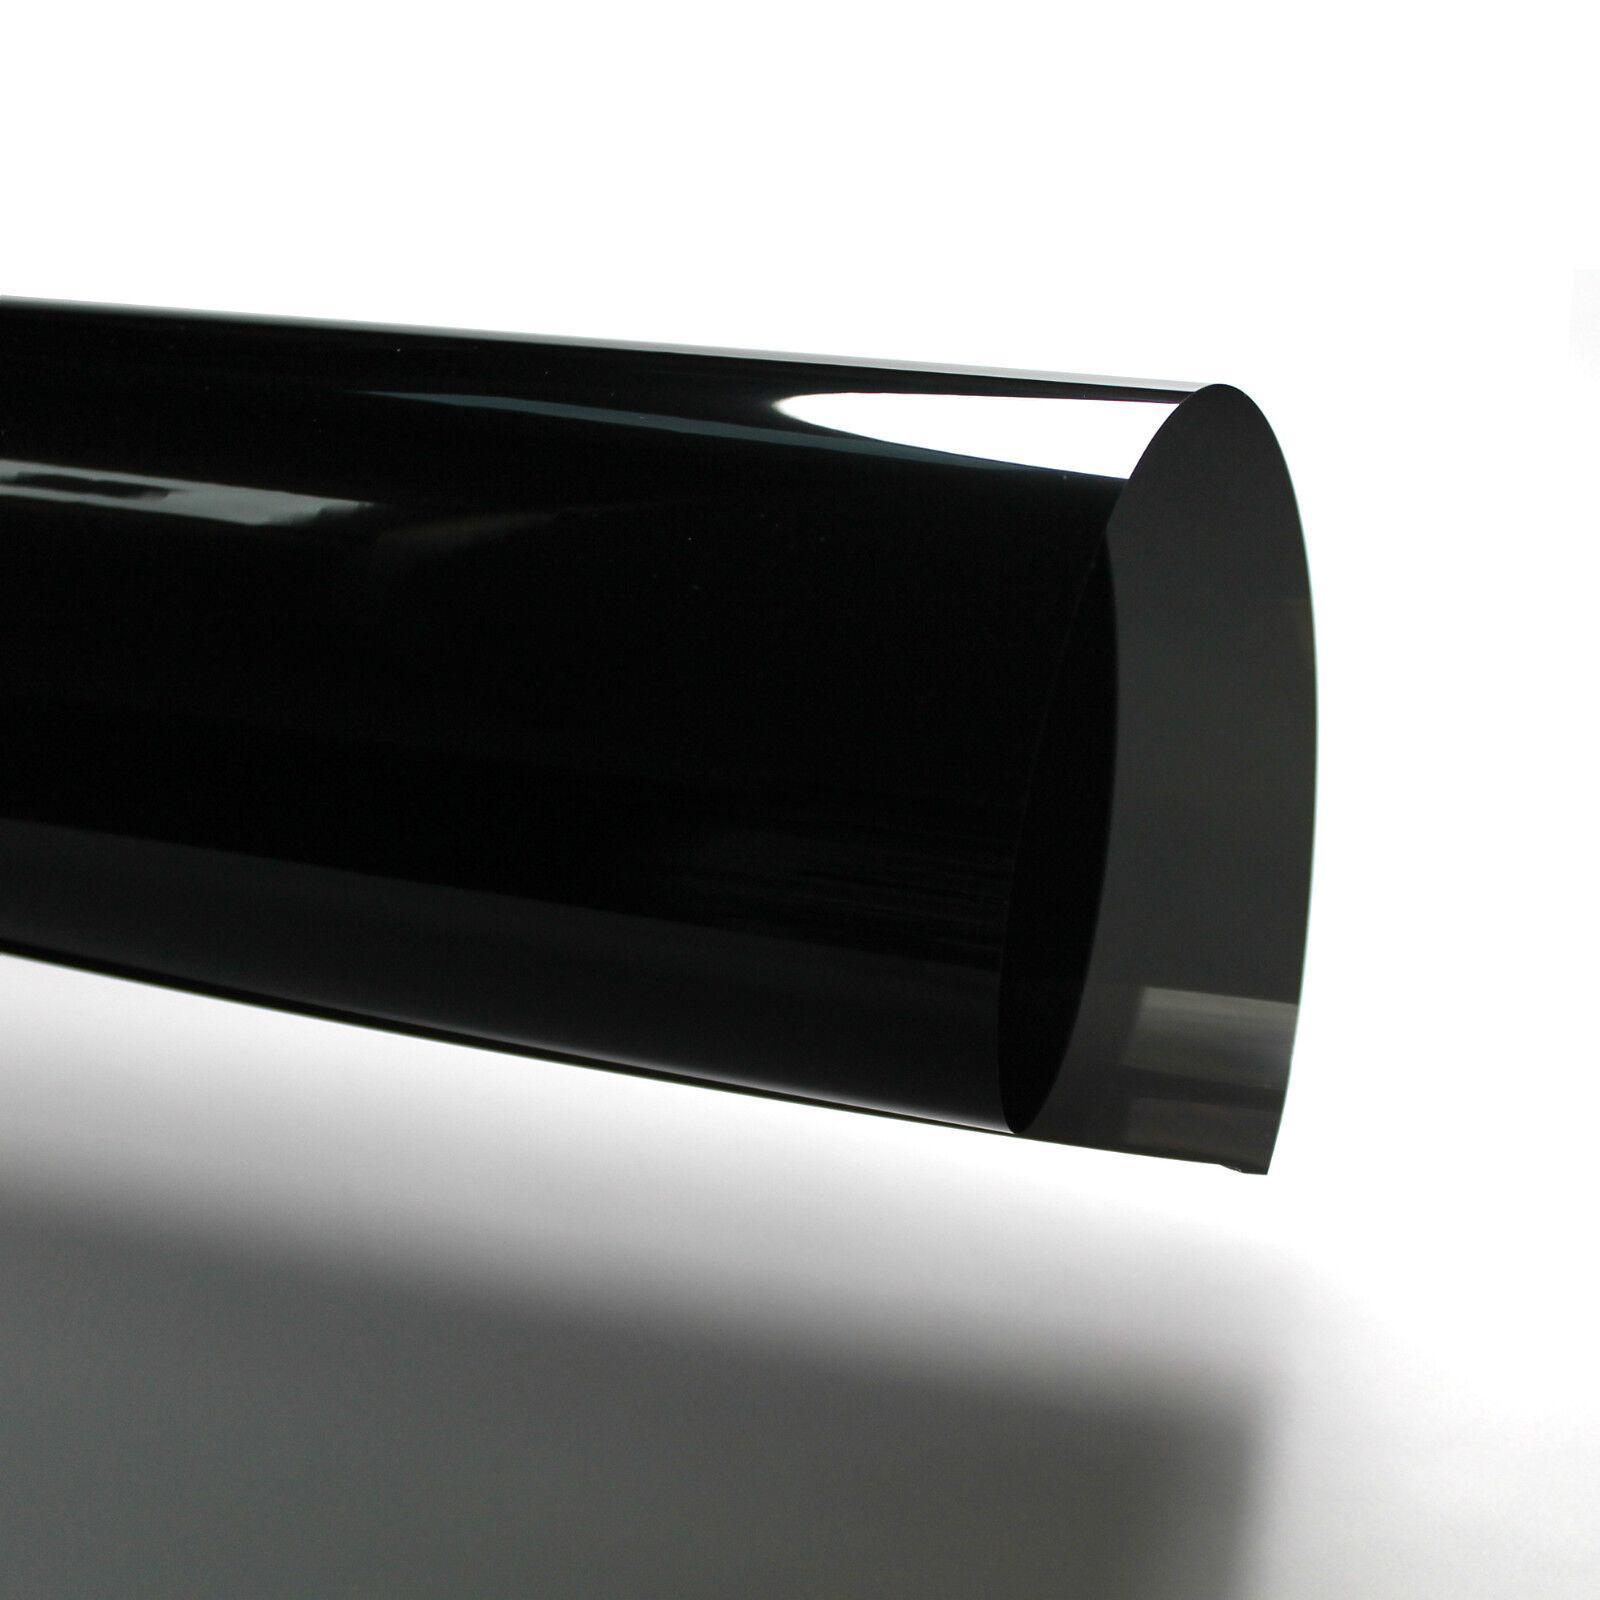 KFZ Tönungsfolie Sonnenschutzfolie Scheibenfolie 98% 65% schwarz mit ABG